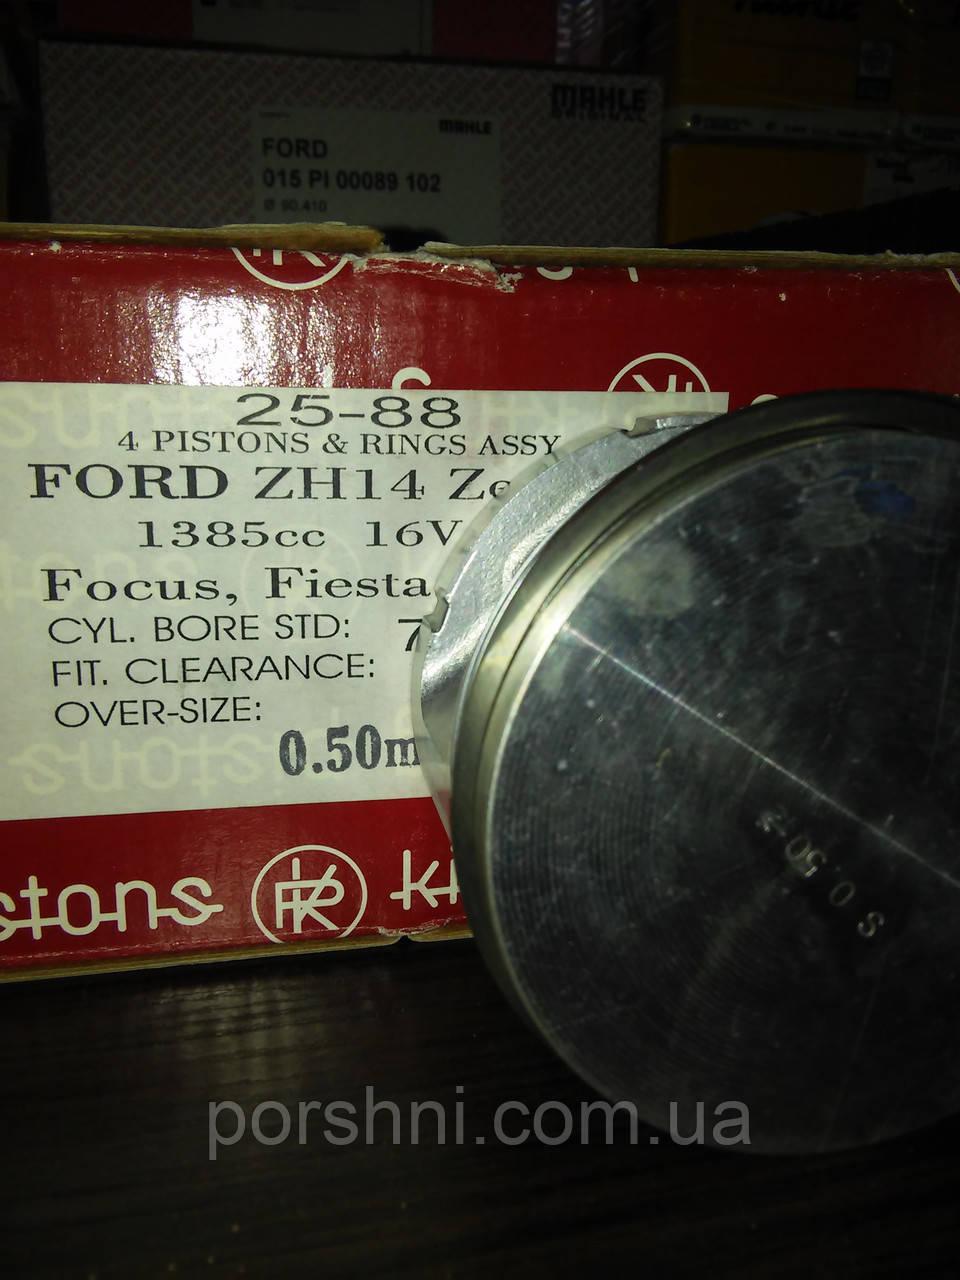 """Поршневая  76  + 0.5 Ford Focus   Fiesta 1.4  16 V  2001 >  KING 2587  - """"Поршень.юа"""" в Киеве"""